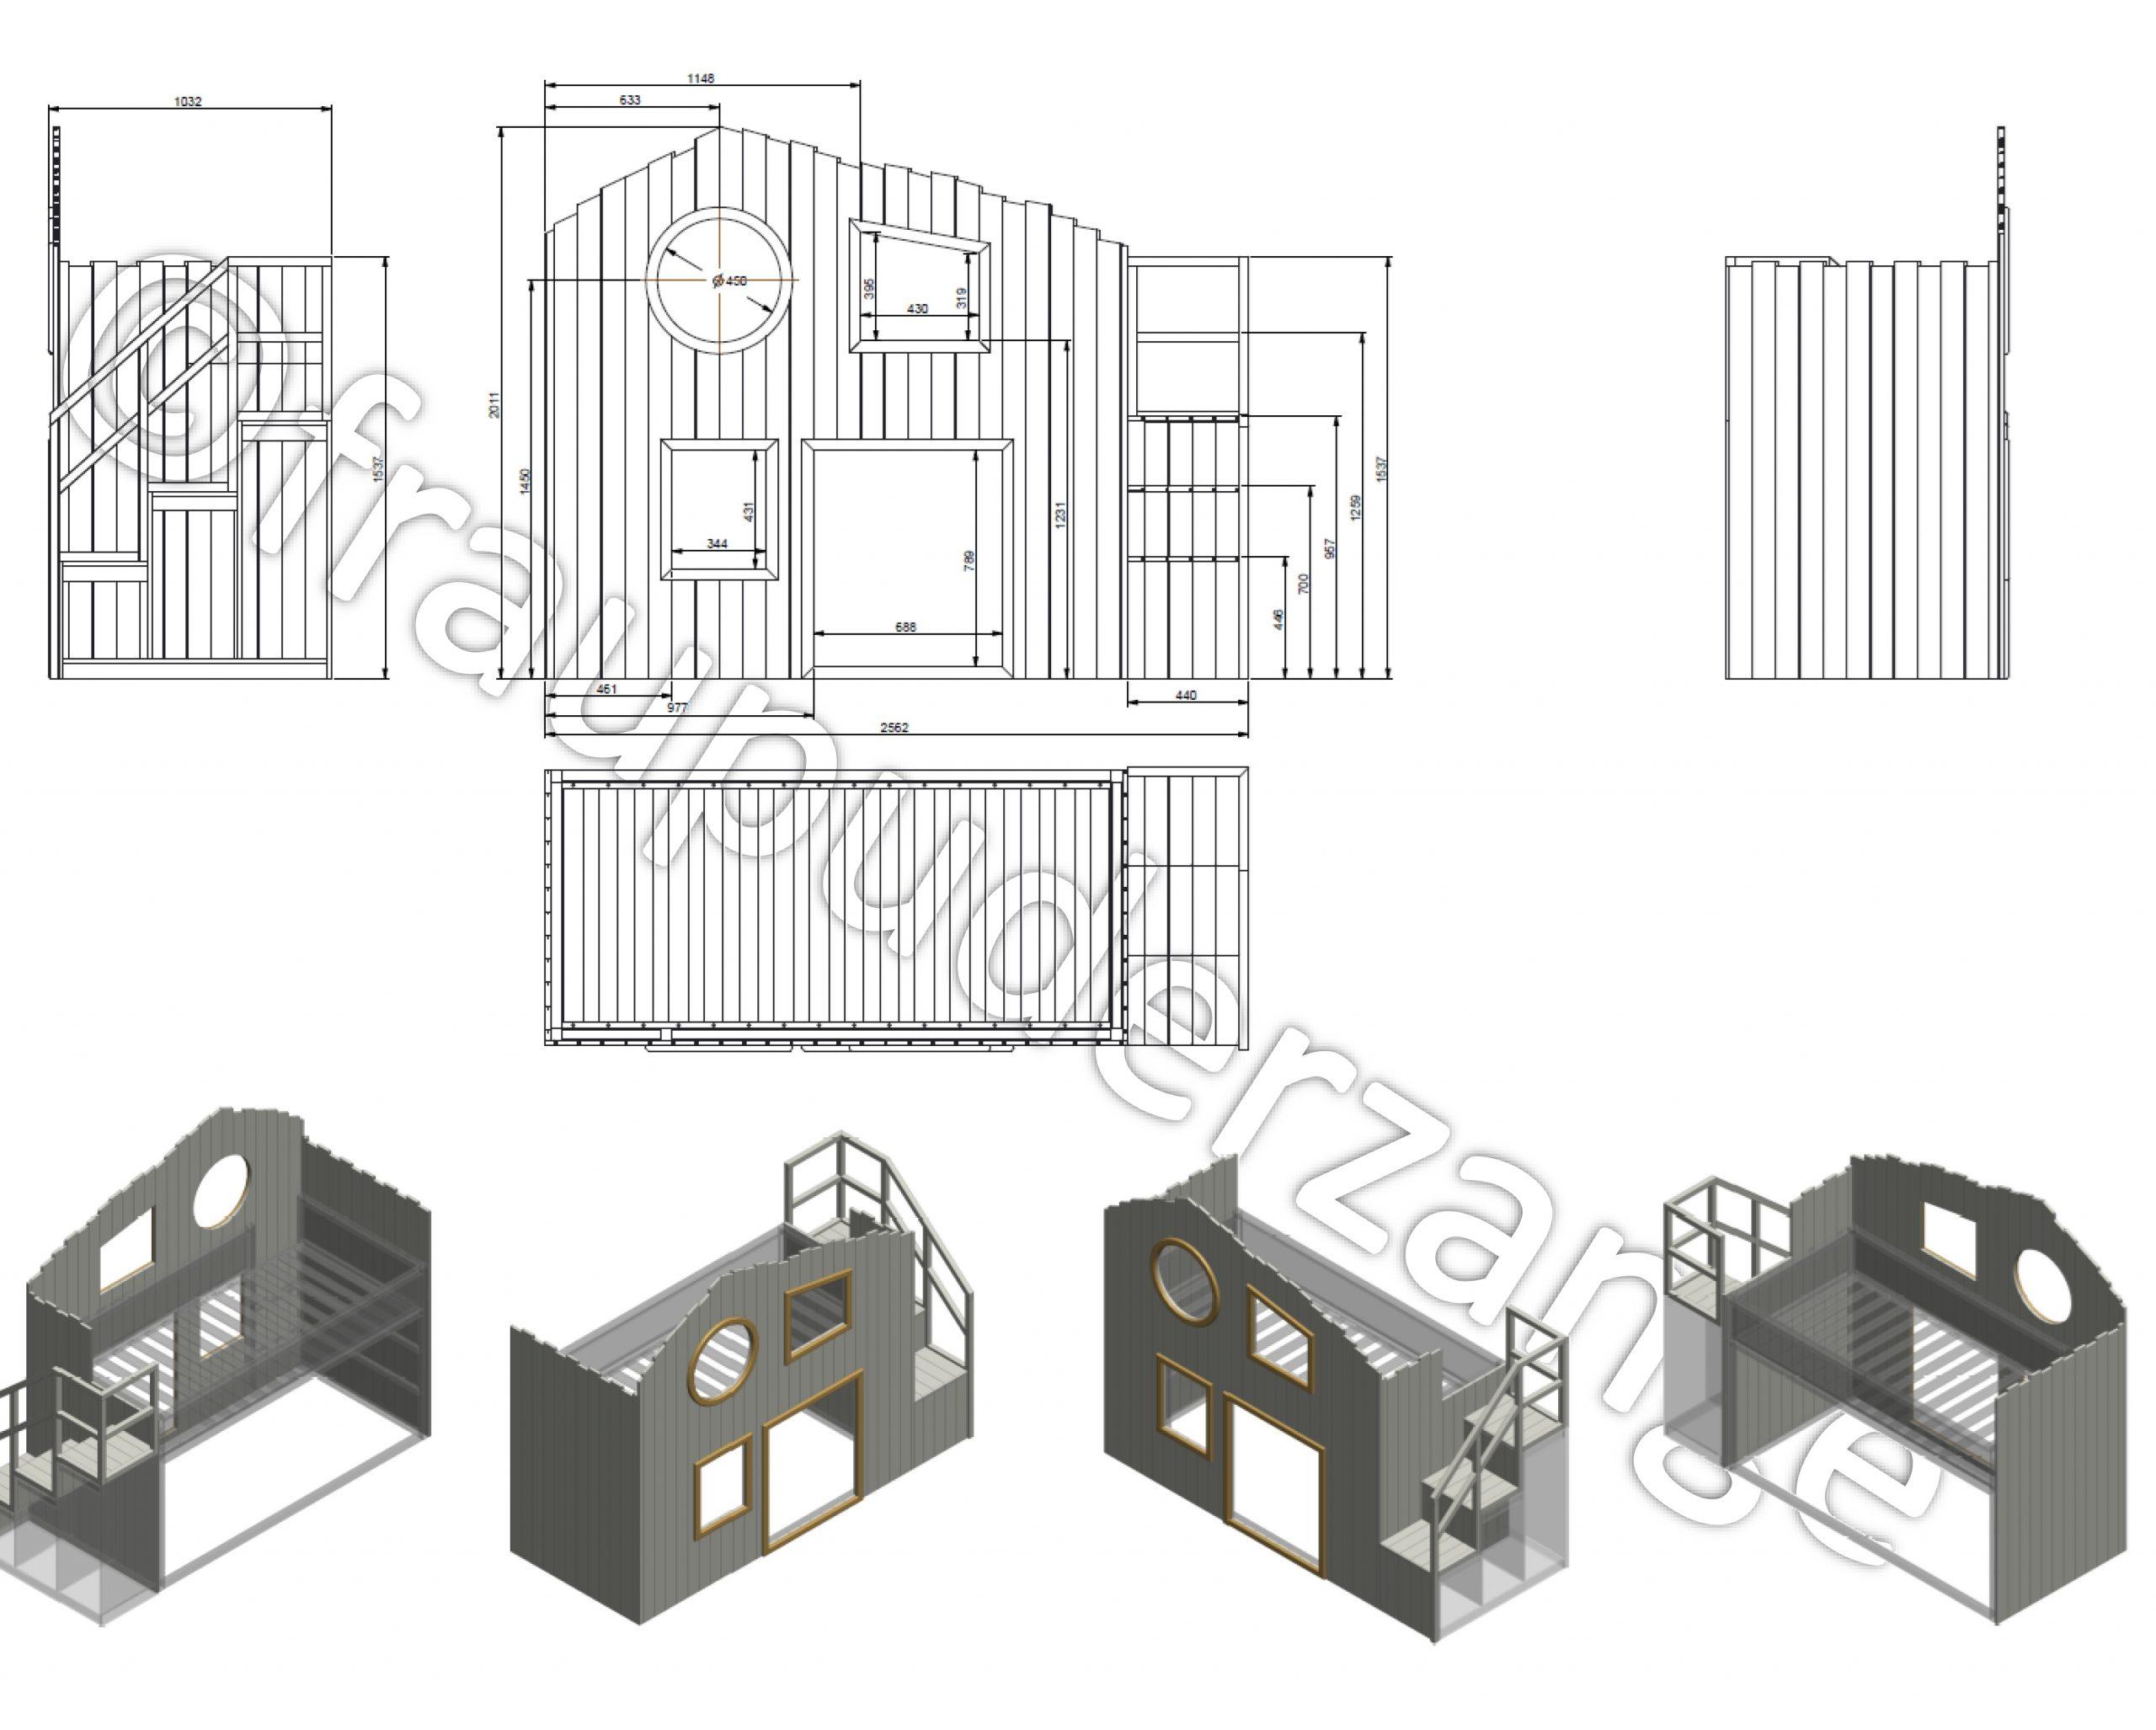 Full Size of Kura Bed Montessori Hack Bunk Ikea Storage House Slide Instructions Double Diy Baumhaus Hochbett Wohnzimmer Kura Hack